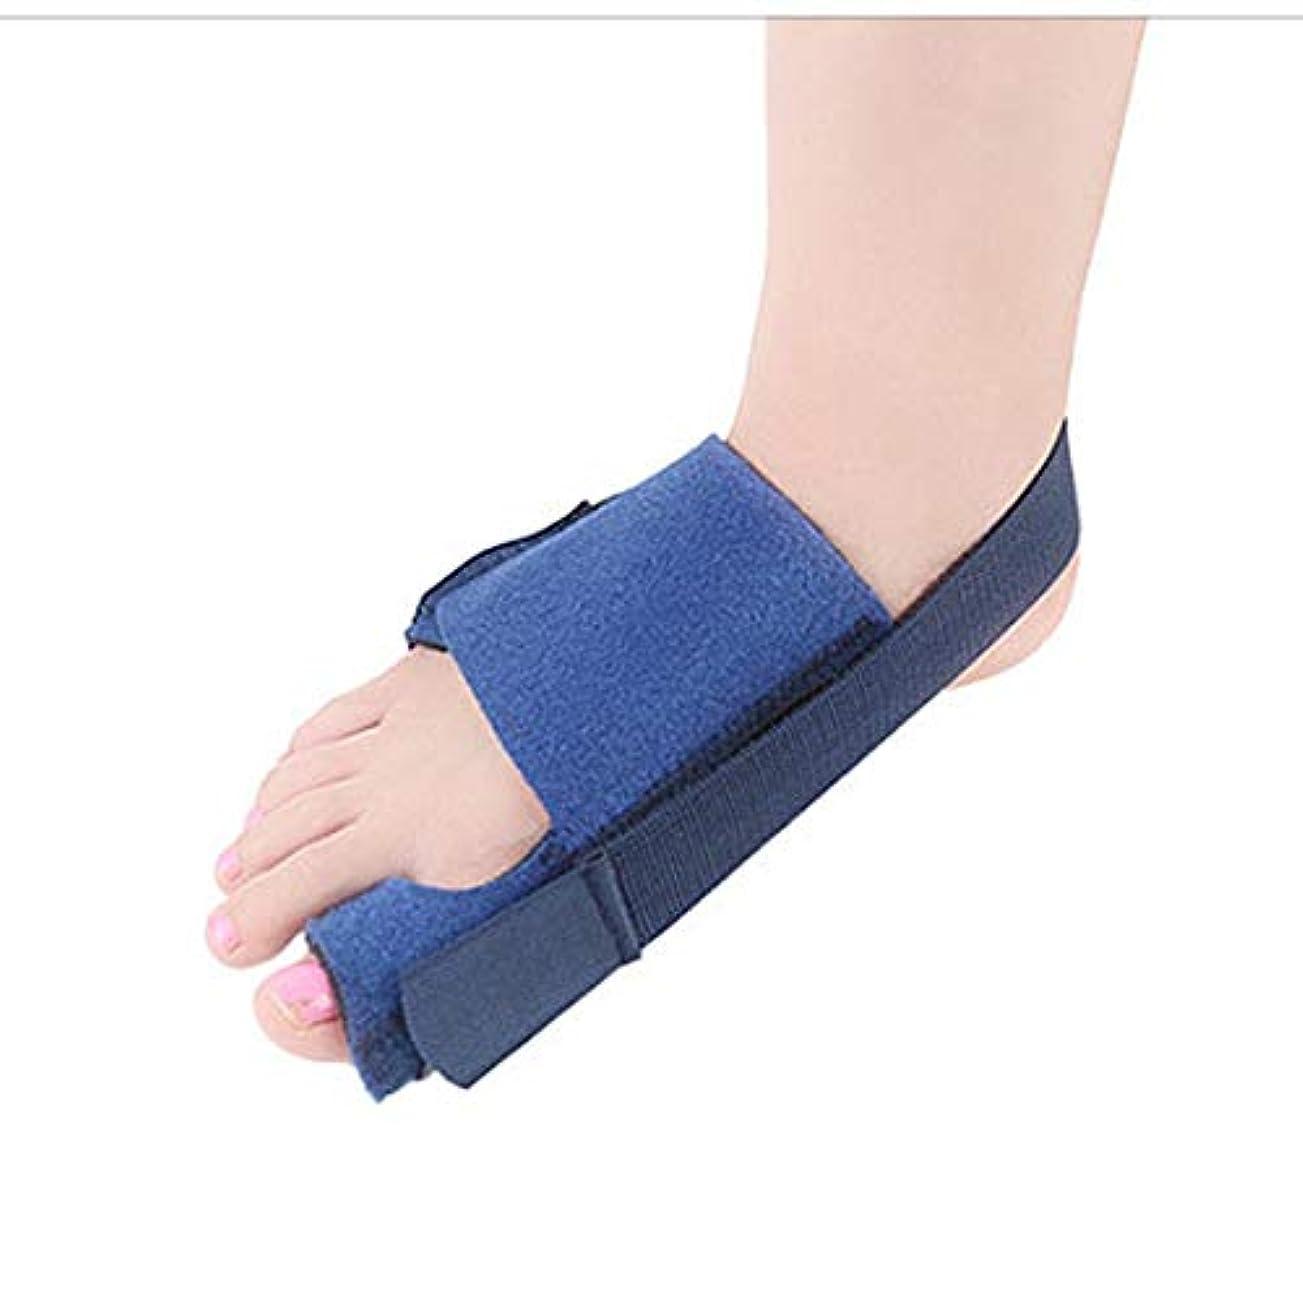 無一文見つける冷える腱膜瘤矯正と腱膜瘤救済、女性と男性のための整形外科の足の親指矯正、昼夜のサポート、外反母Valの治療と予防,rightfoot